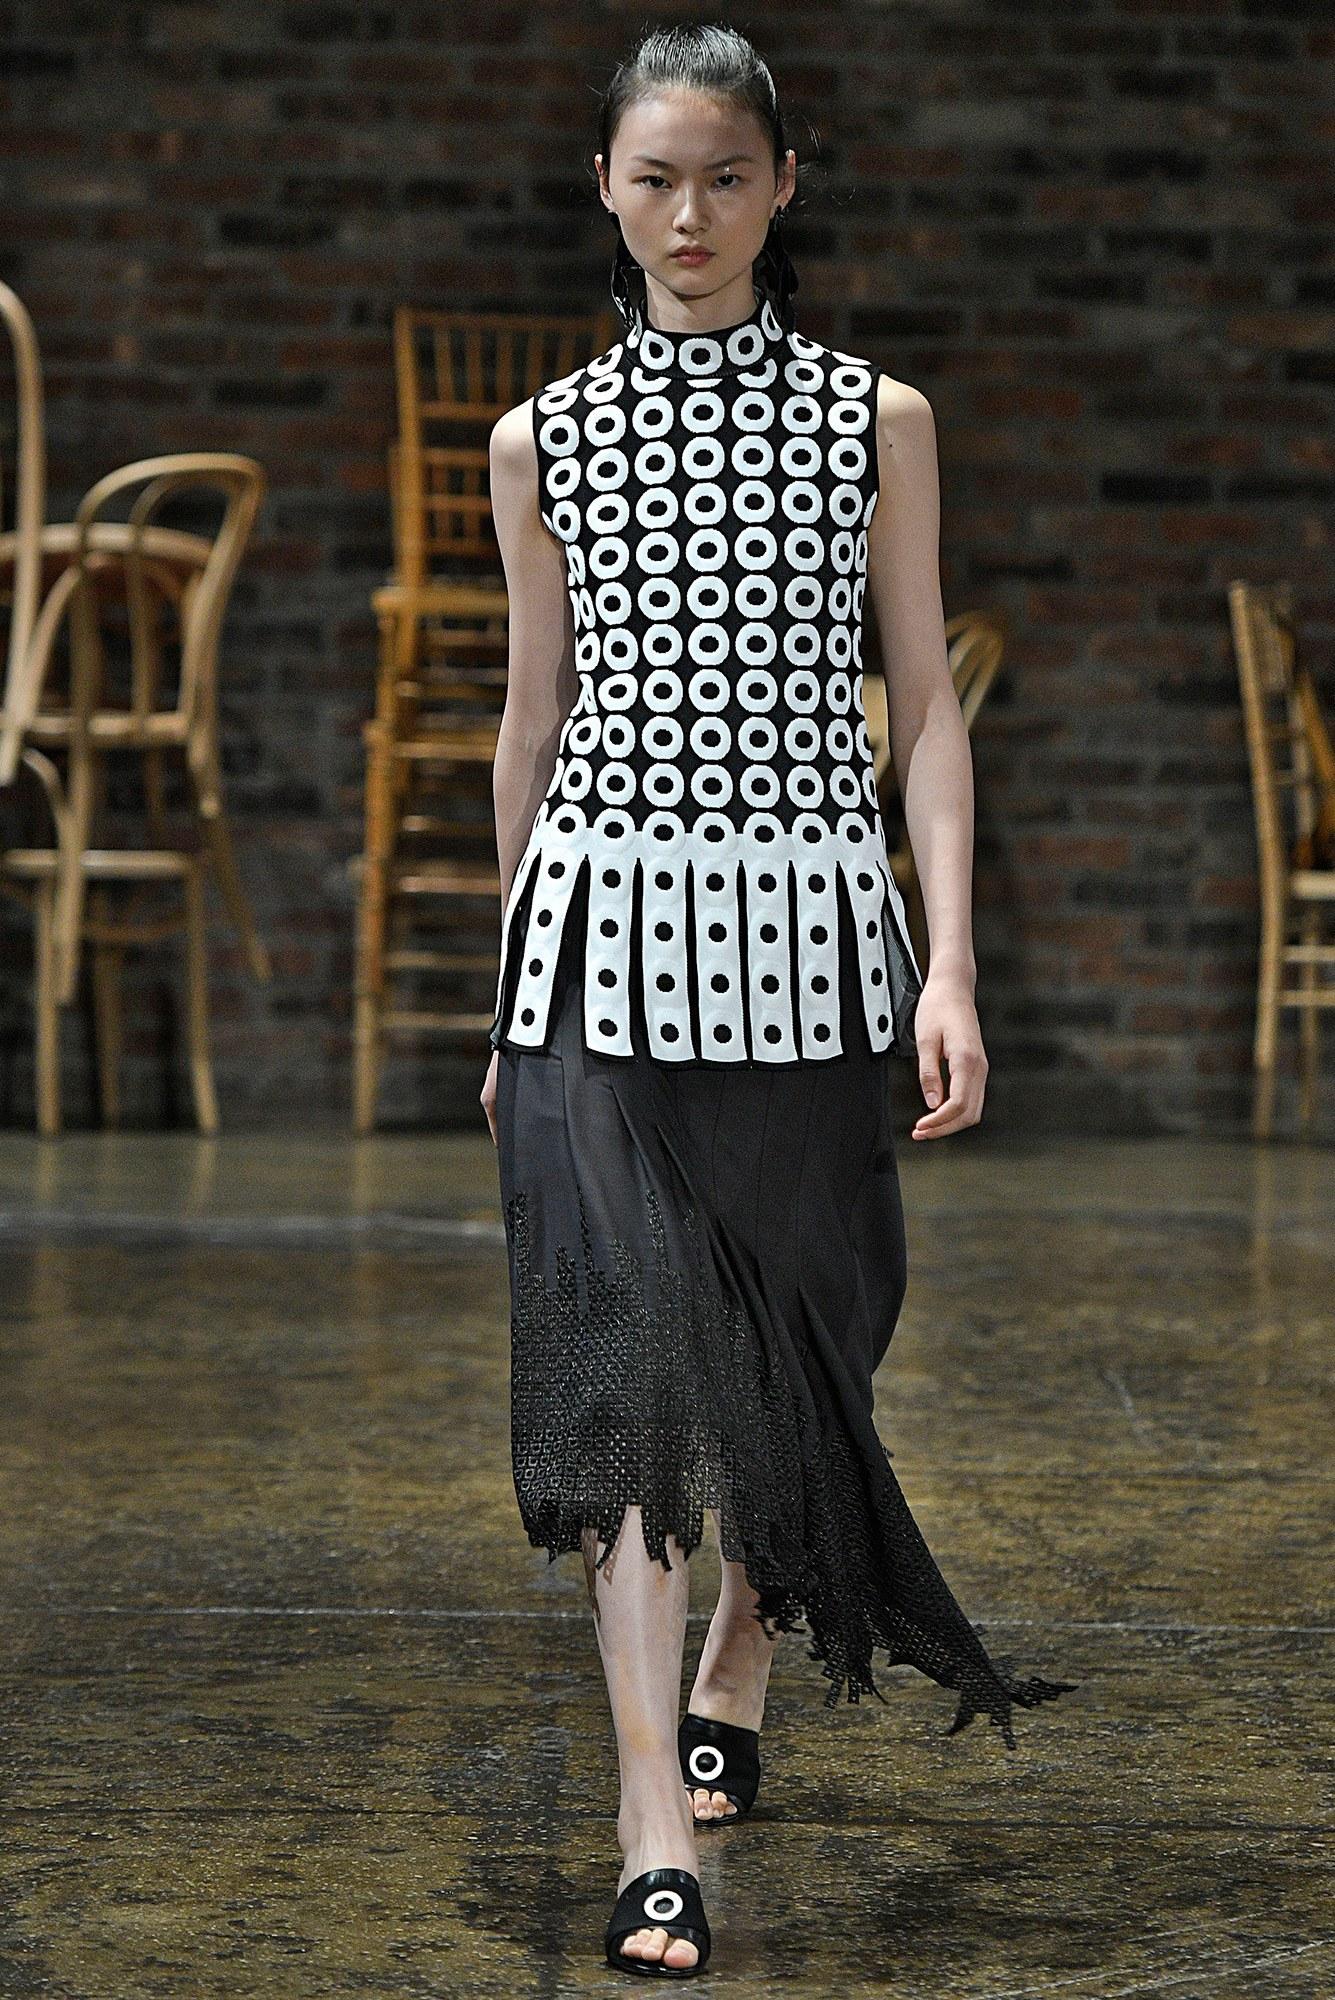 Skirt by Design Residence